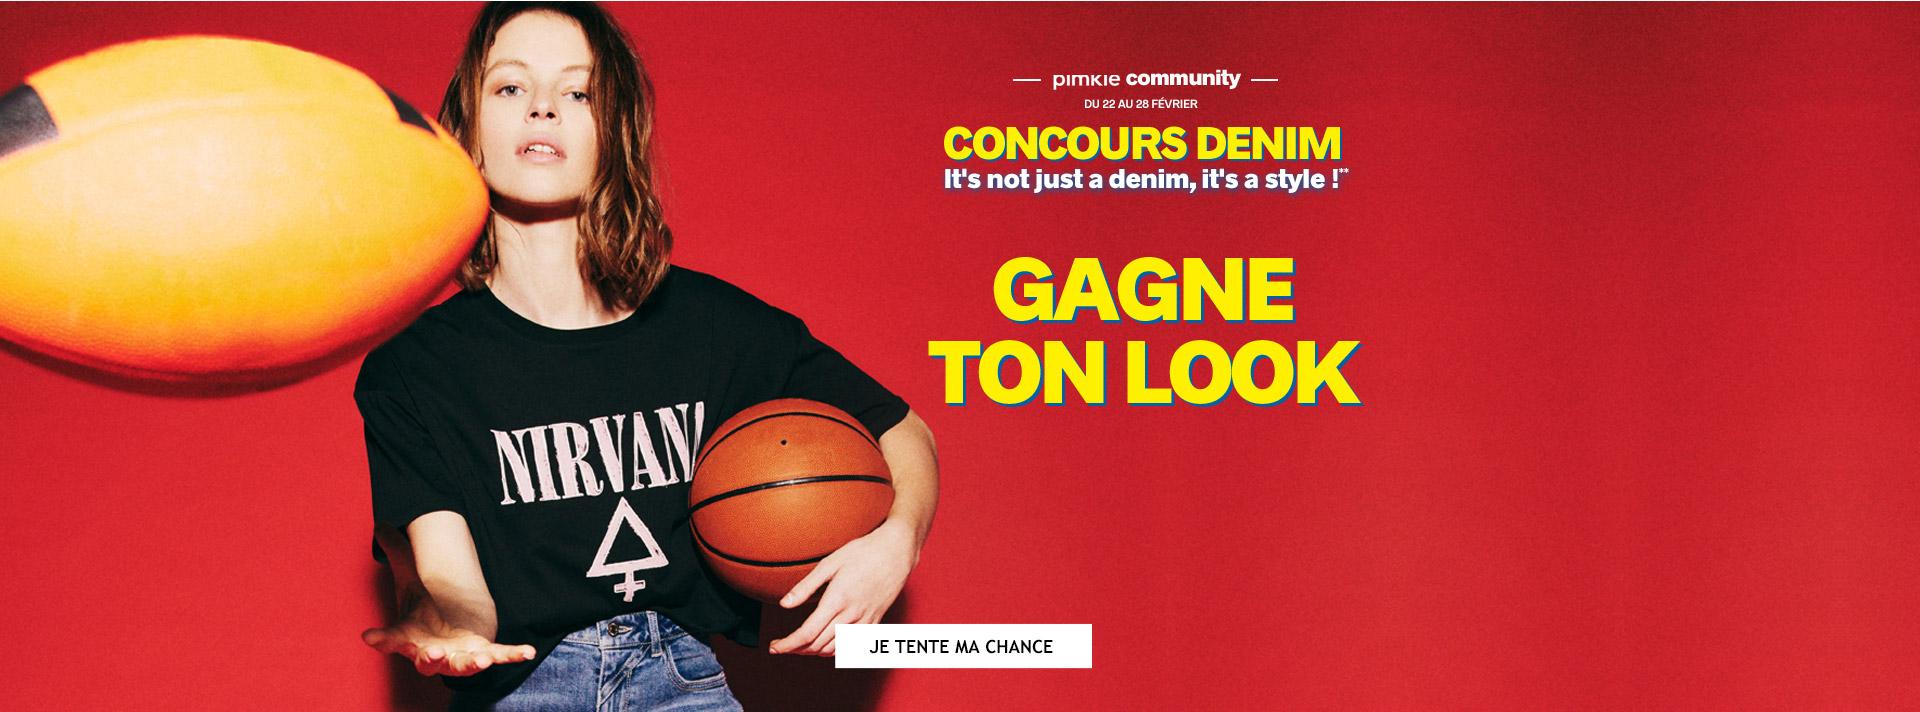 Concours Denim jusqu'au 28 mars gagne ton look